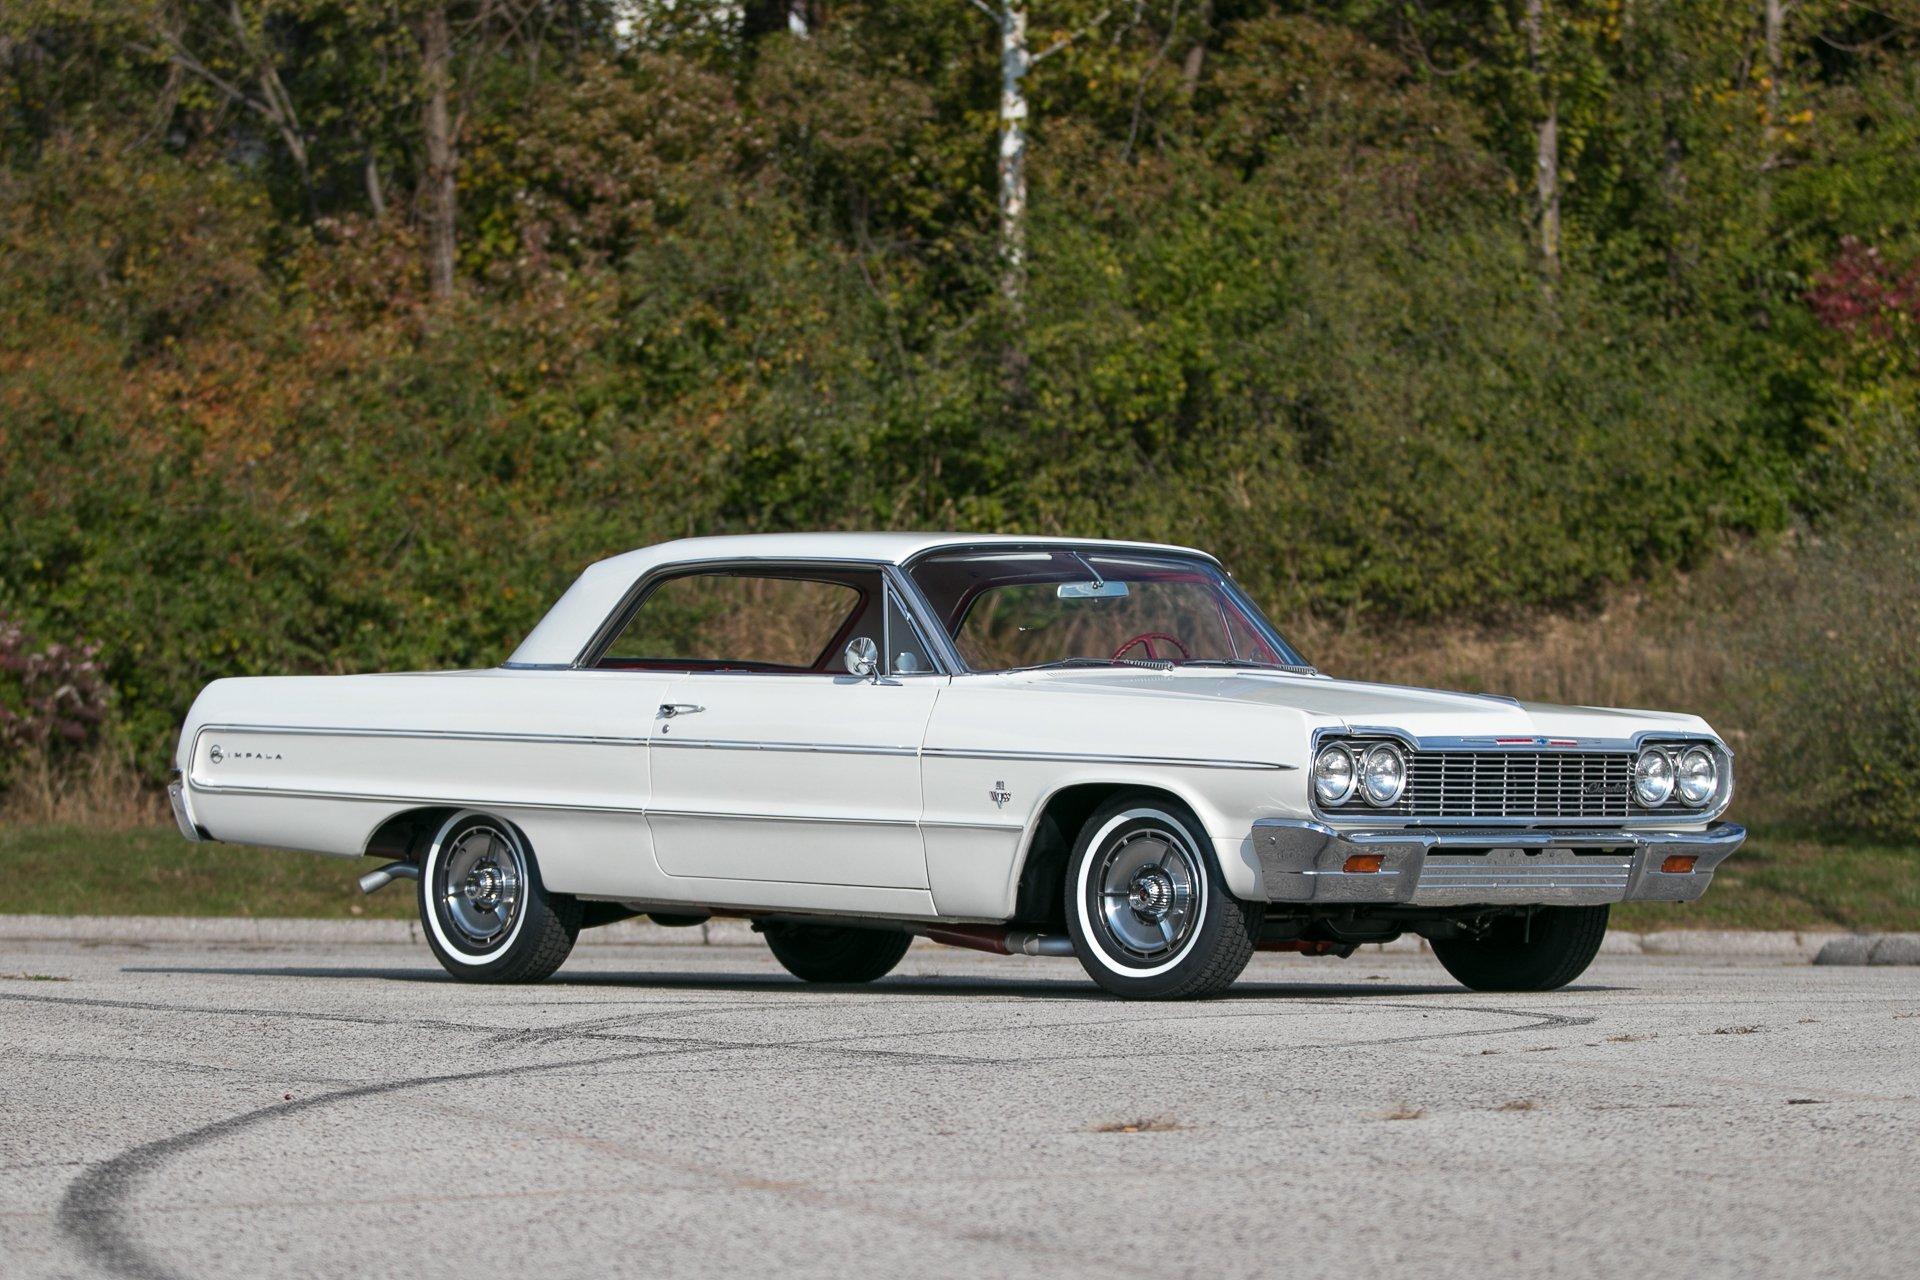 1964 chevrolet impala 409 hardtop